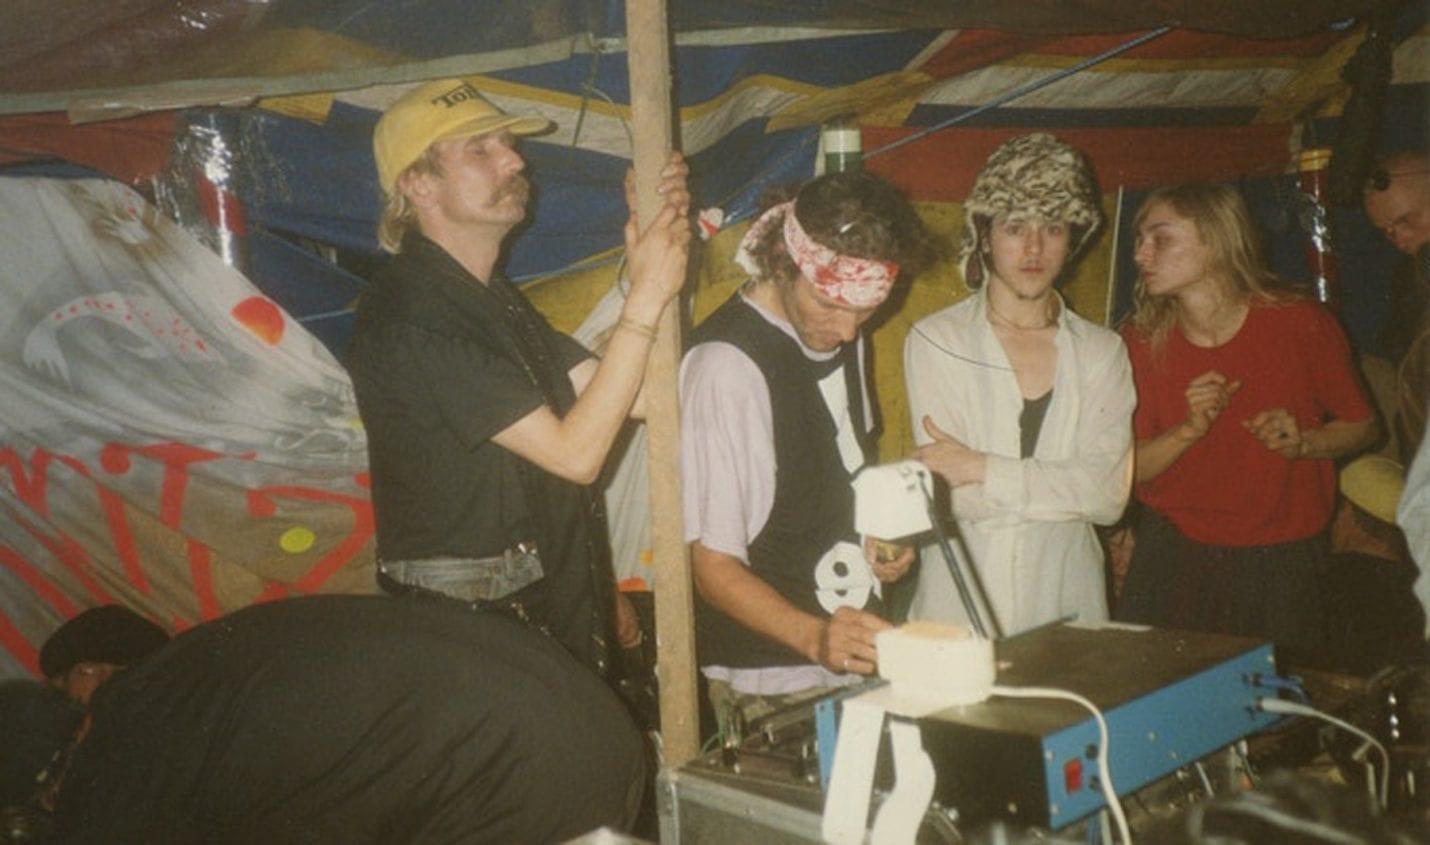 Tipp: Dokumentation über Free-Party Rave-Szene der 90er